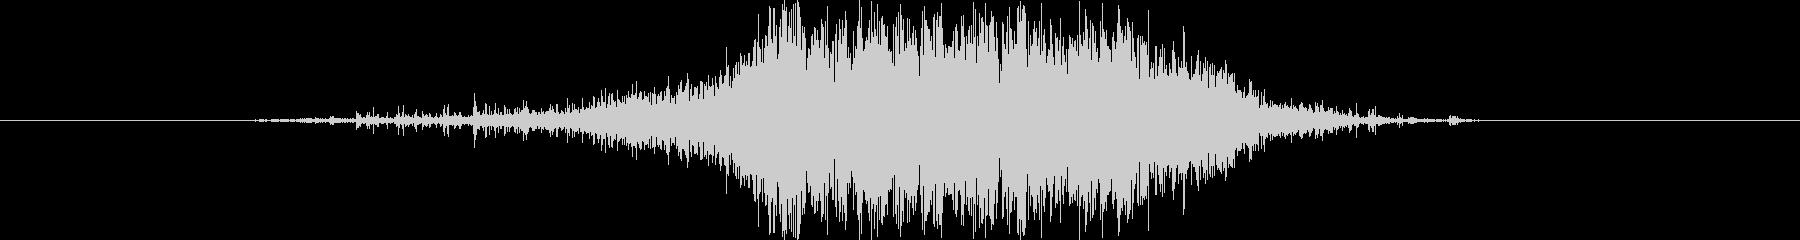 作業 サンドペーパーグラインド05の未再生の波形